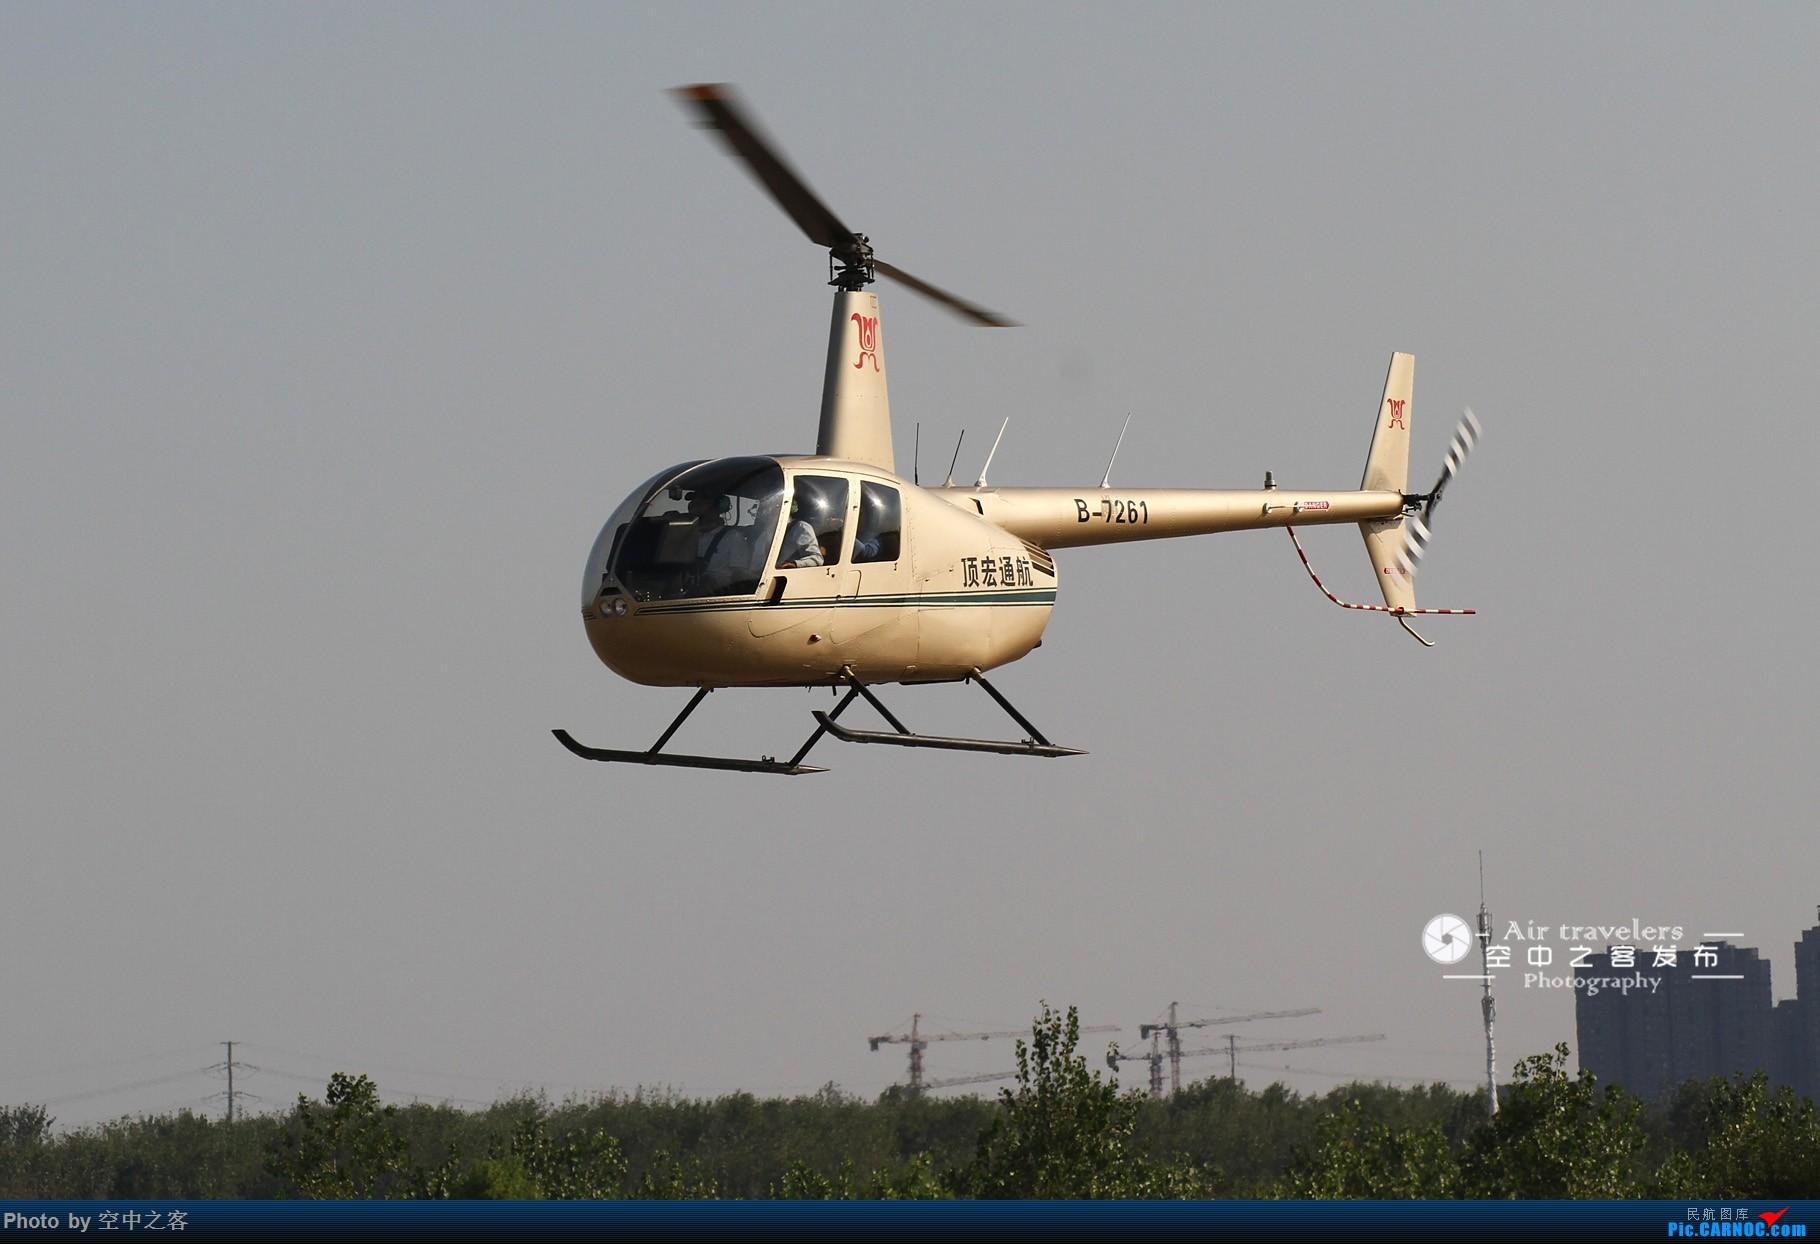 [原创][空中之客发布]与aiolia7456大佬体验顶宏通航R-44滨湖之旅 ROBINSON R44 II B-7261 合肥骆岗机场